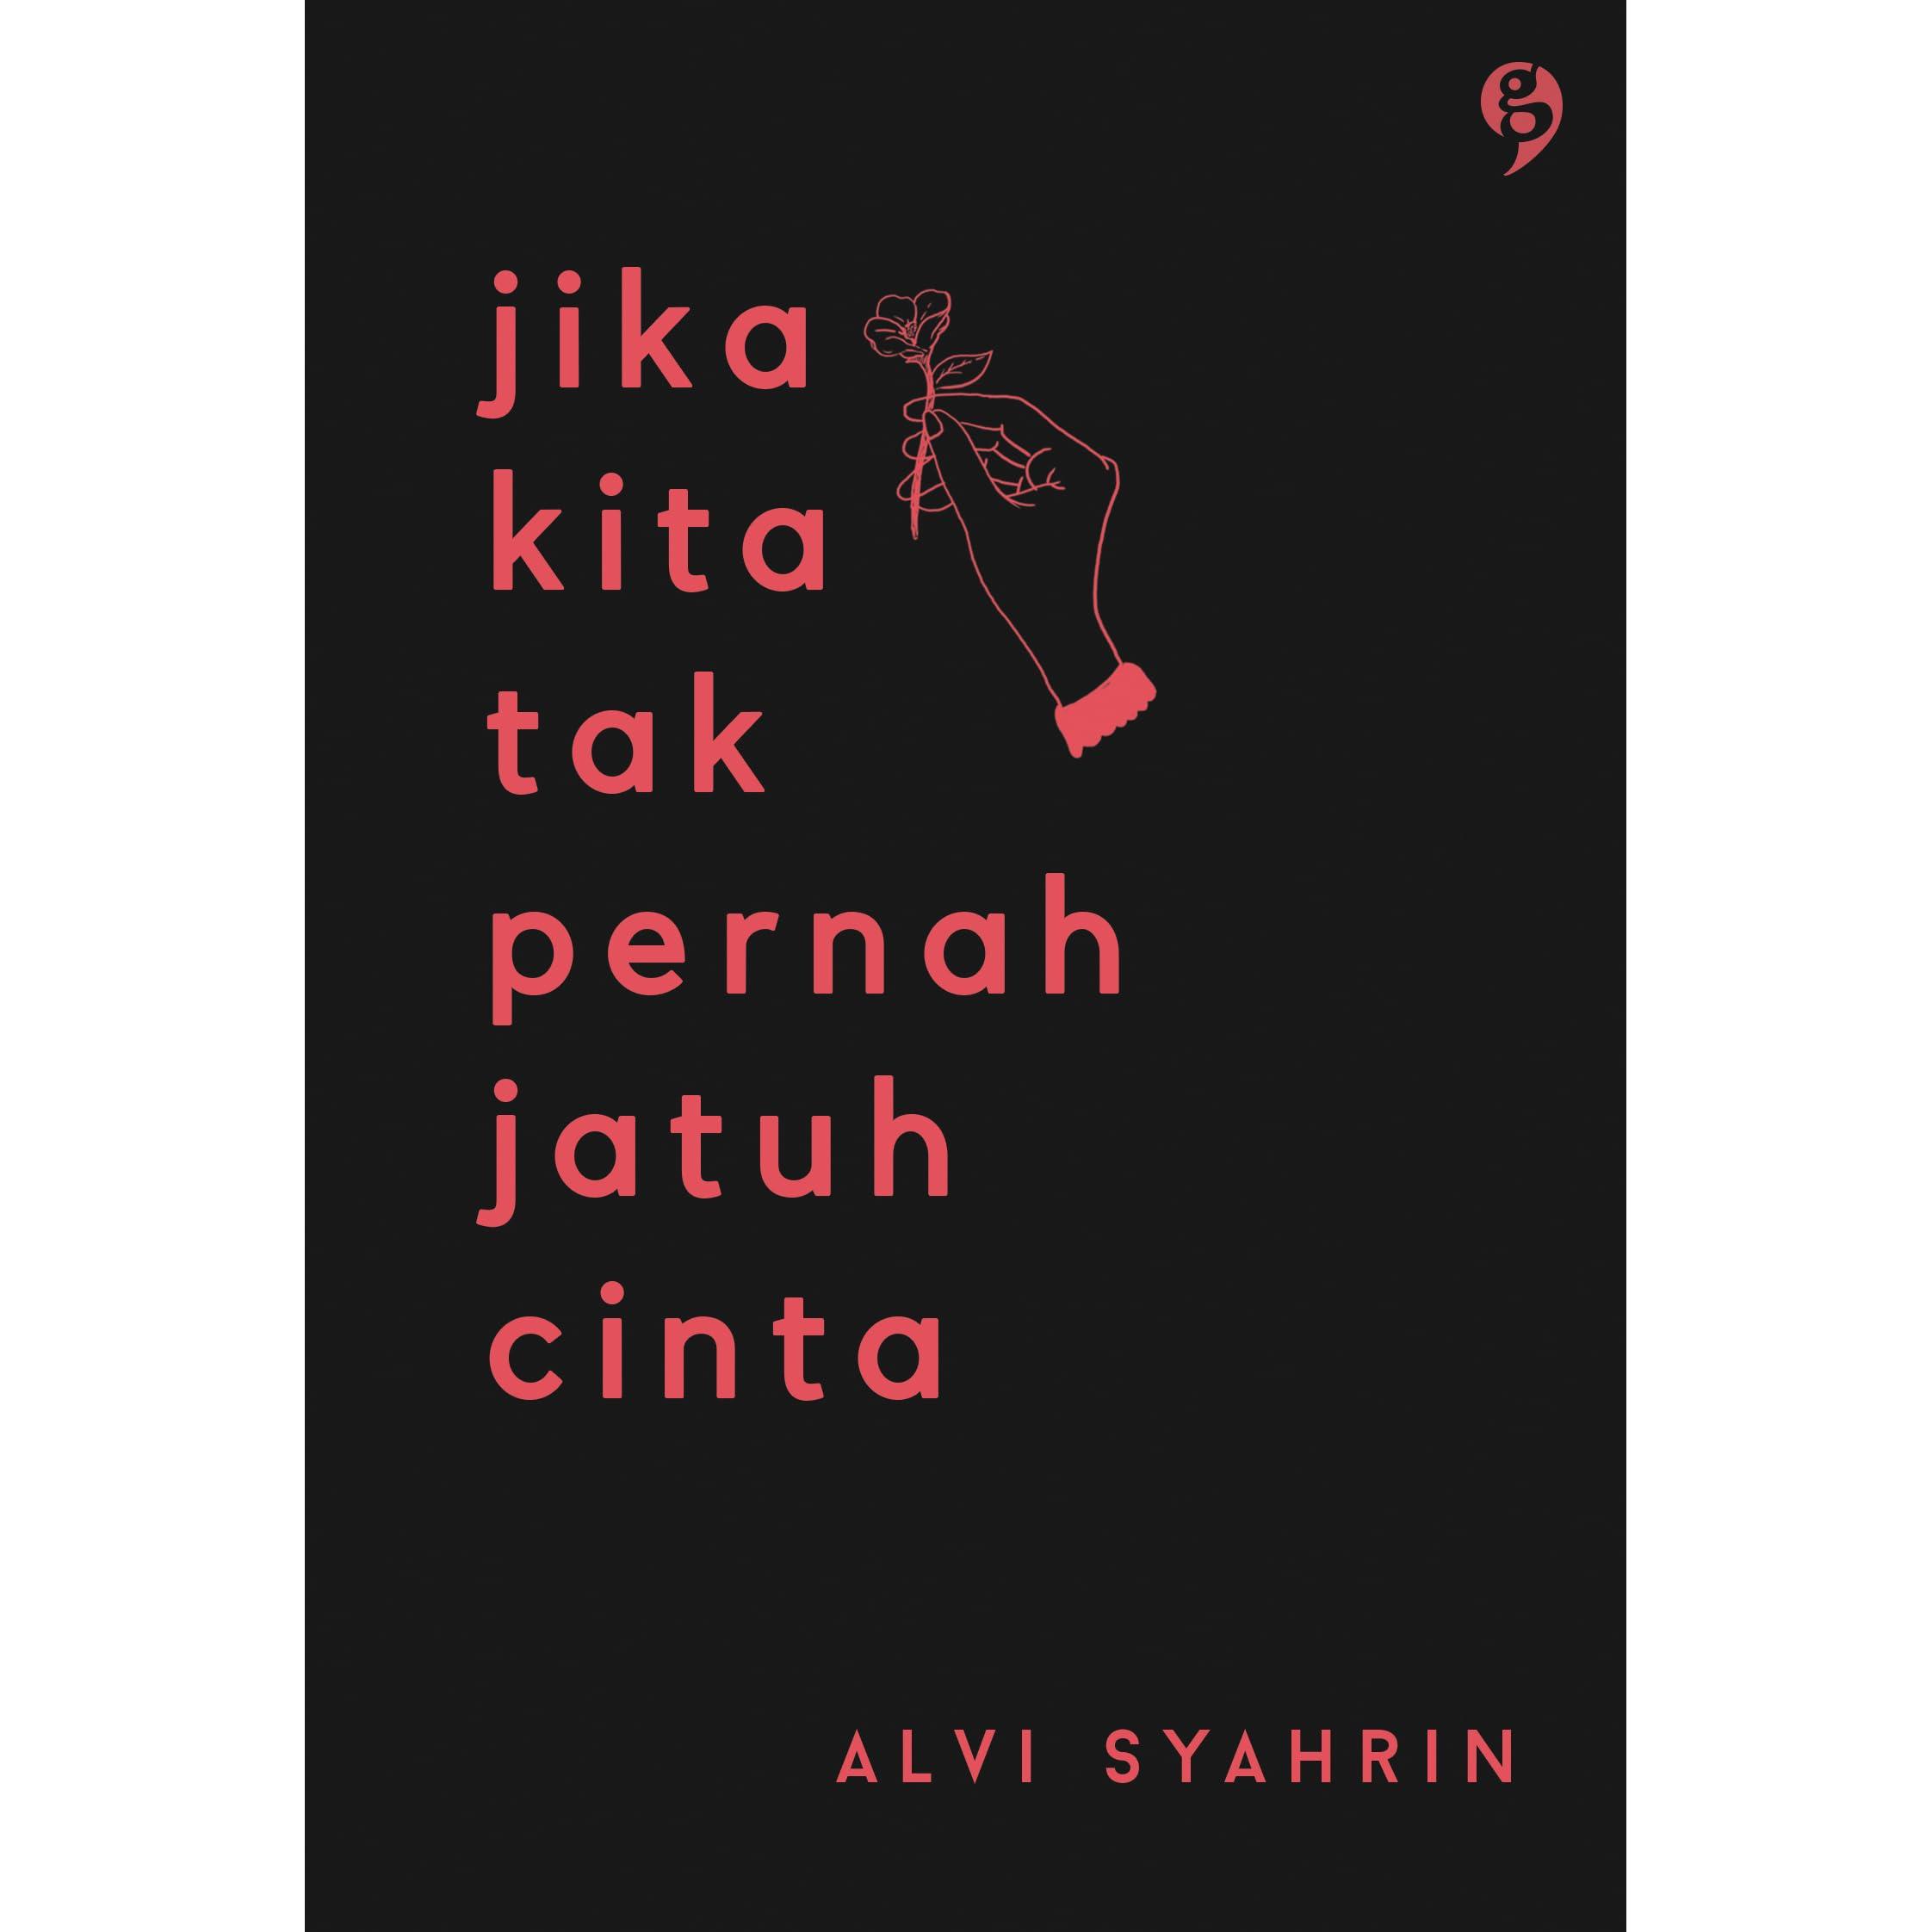 Jika Kita Tak Pernah Jatuh Cinta By Alvi Syahrin